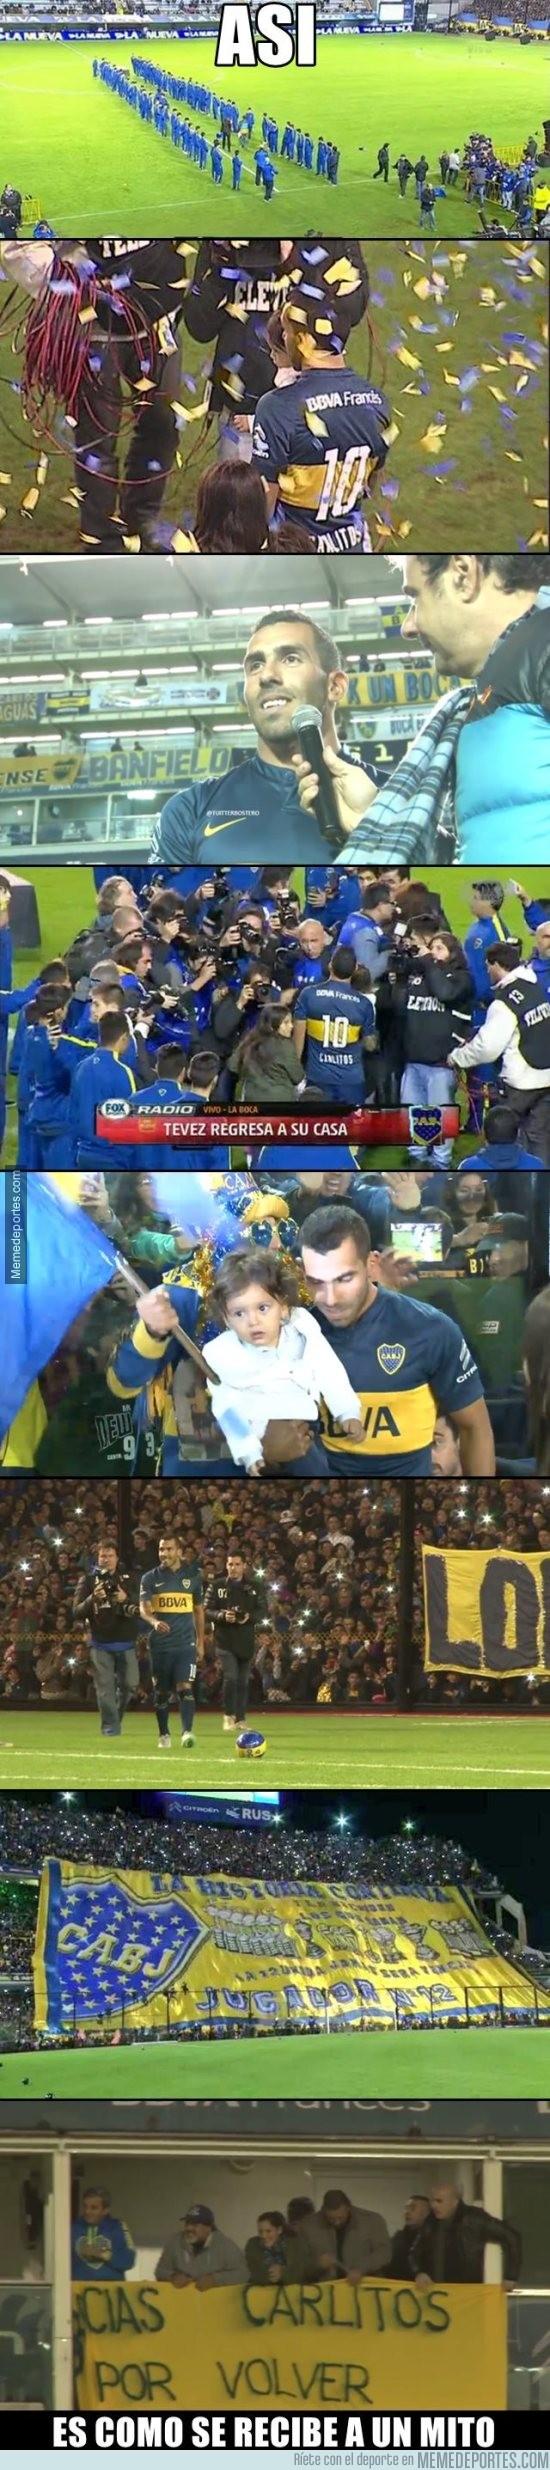 623561 - El impetuoso regreso de Tévez a Boca